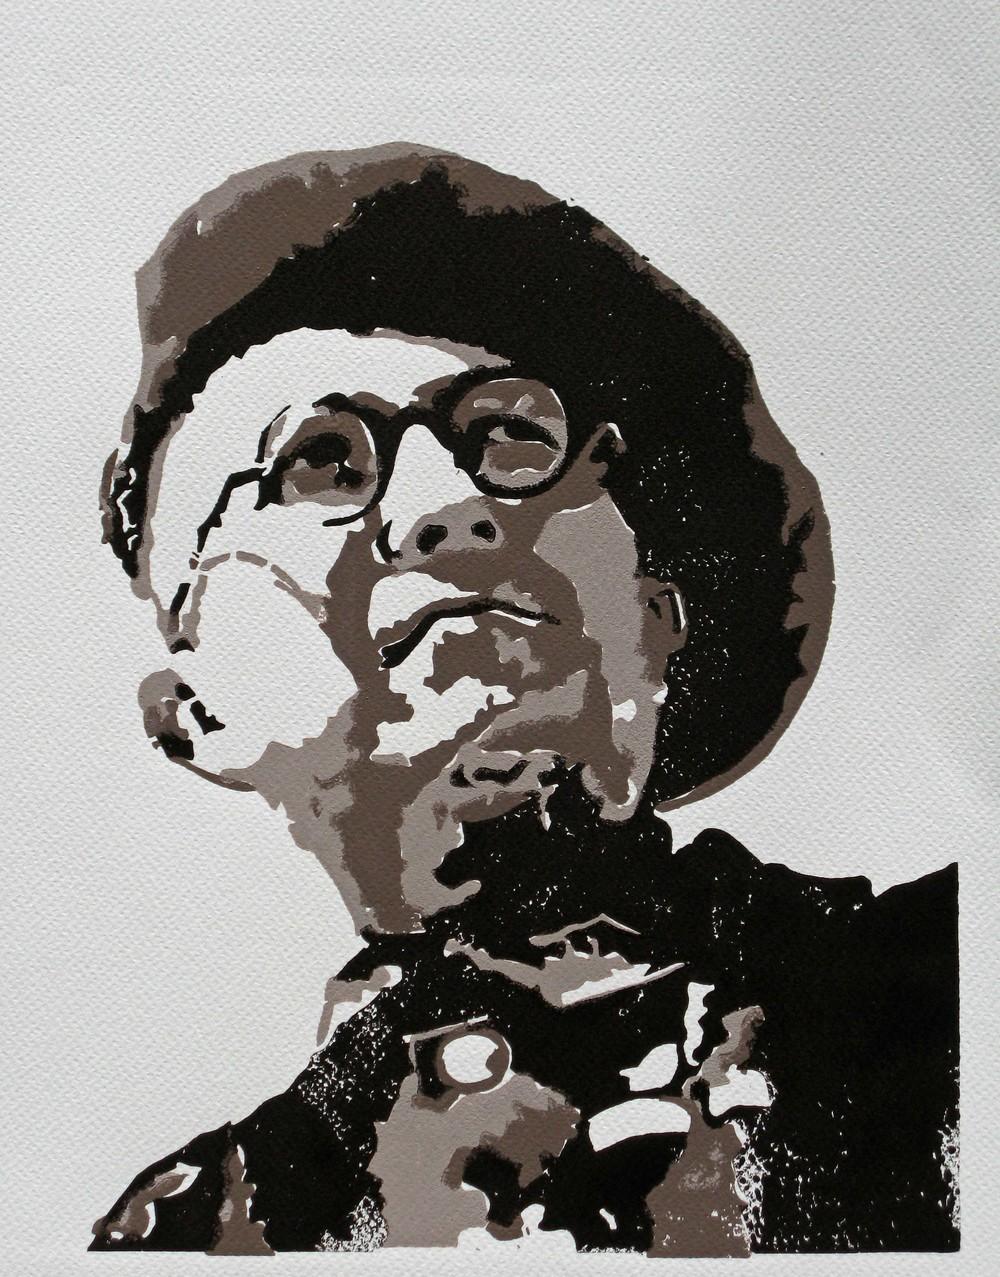 Lino-gravures de Résistants Haut-Savoyards Pourquoi les ai-je faites?